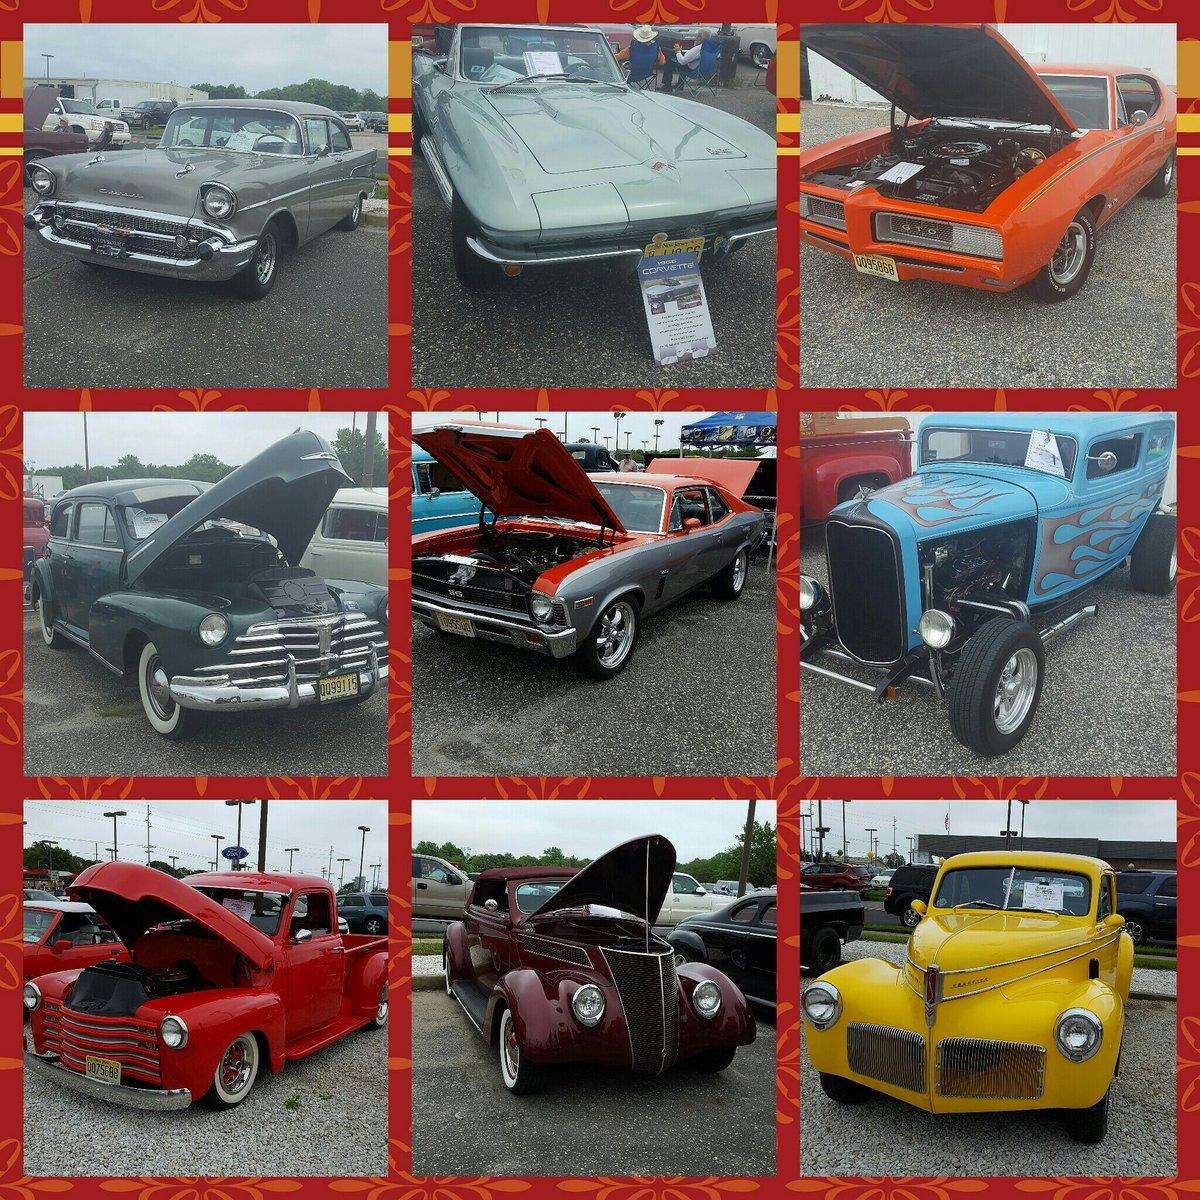 Burke motor group burkemotorgroup twitter for Burke motor group used cars